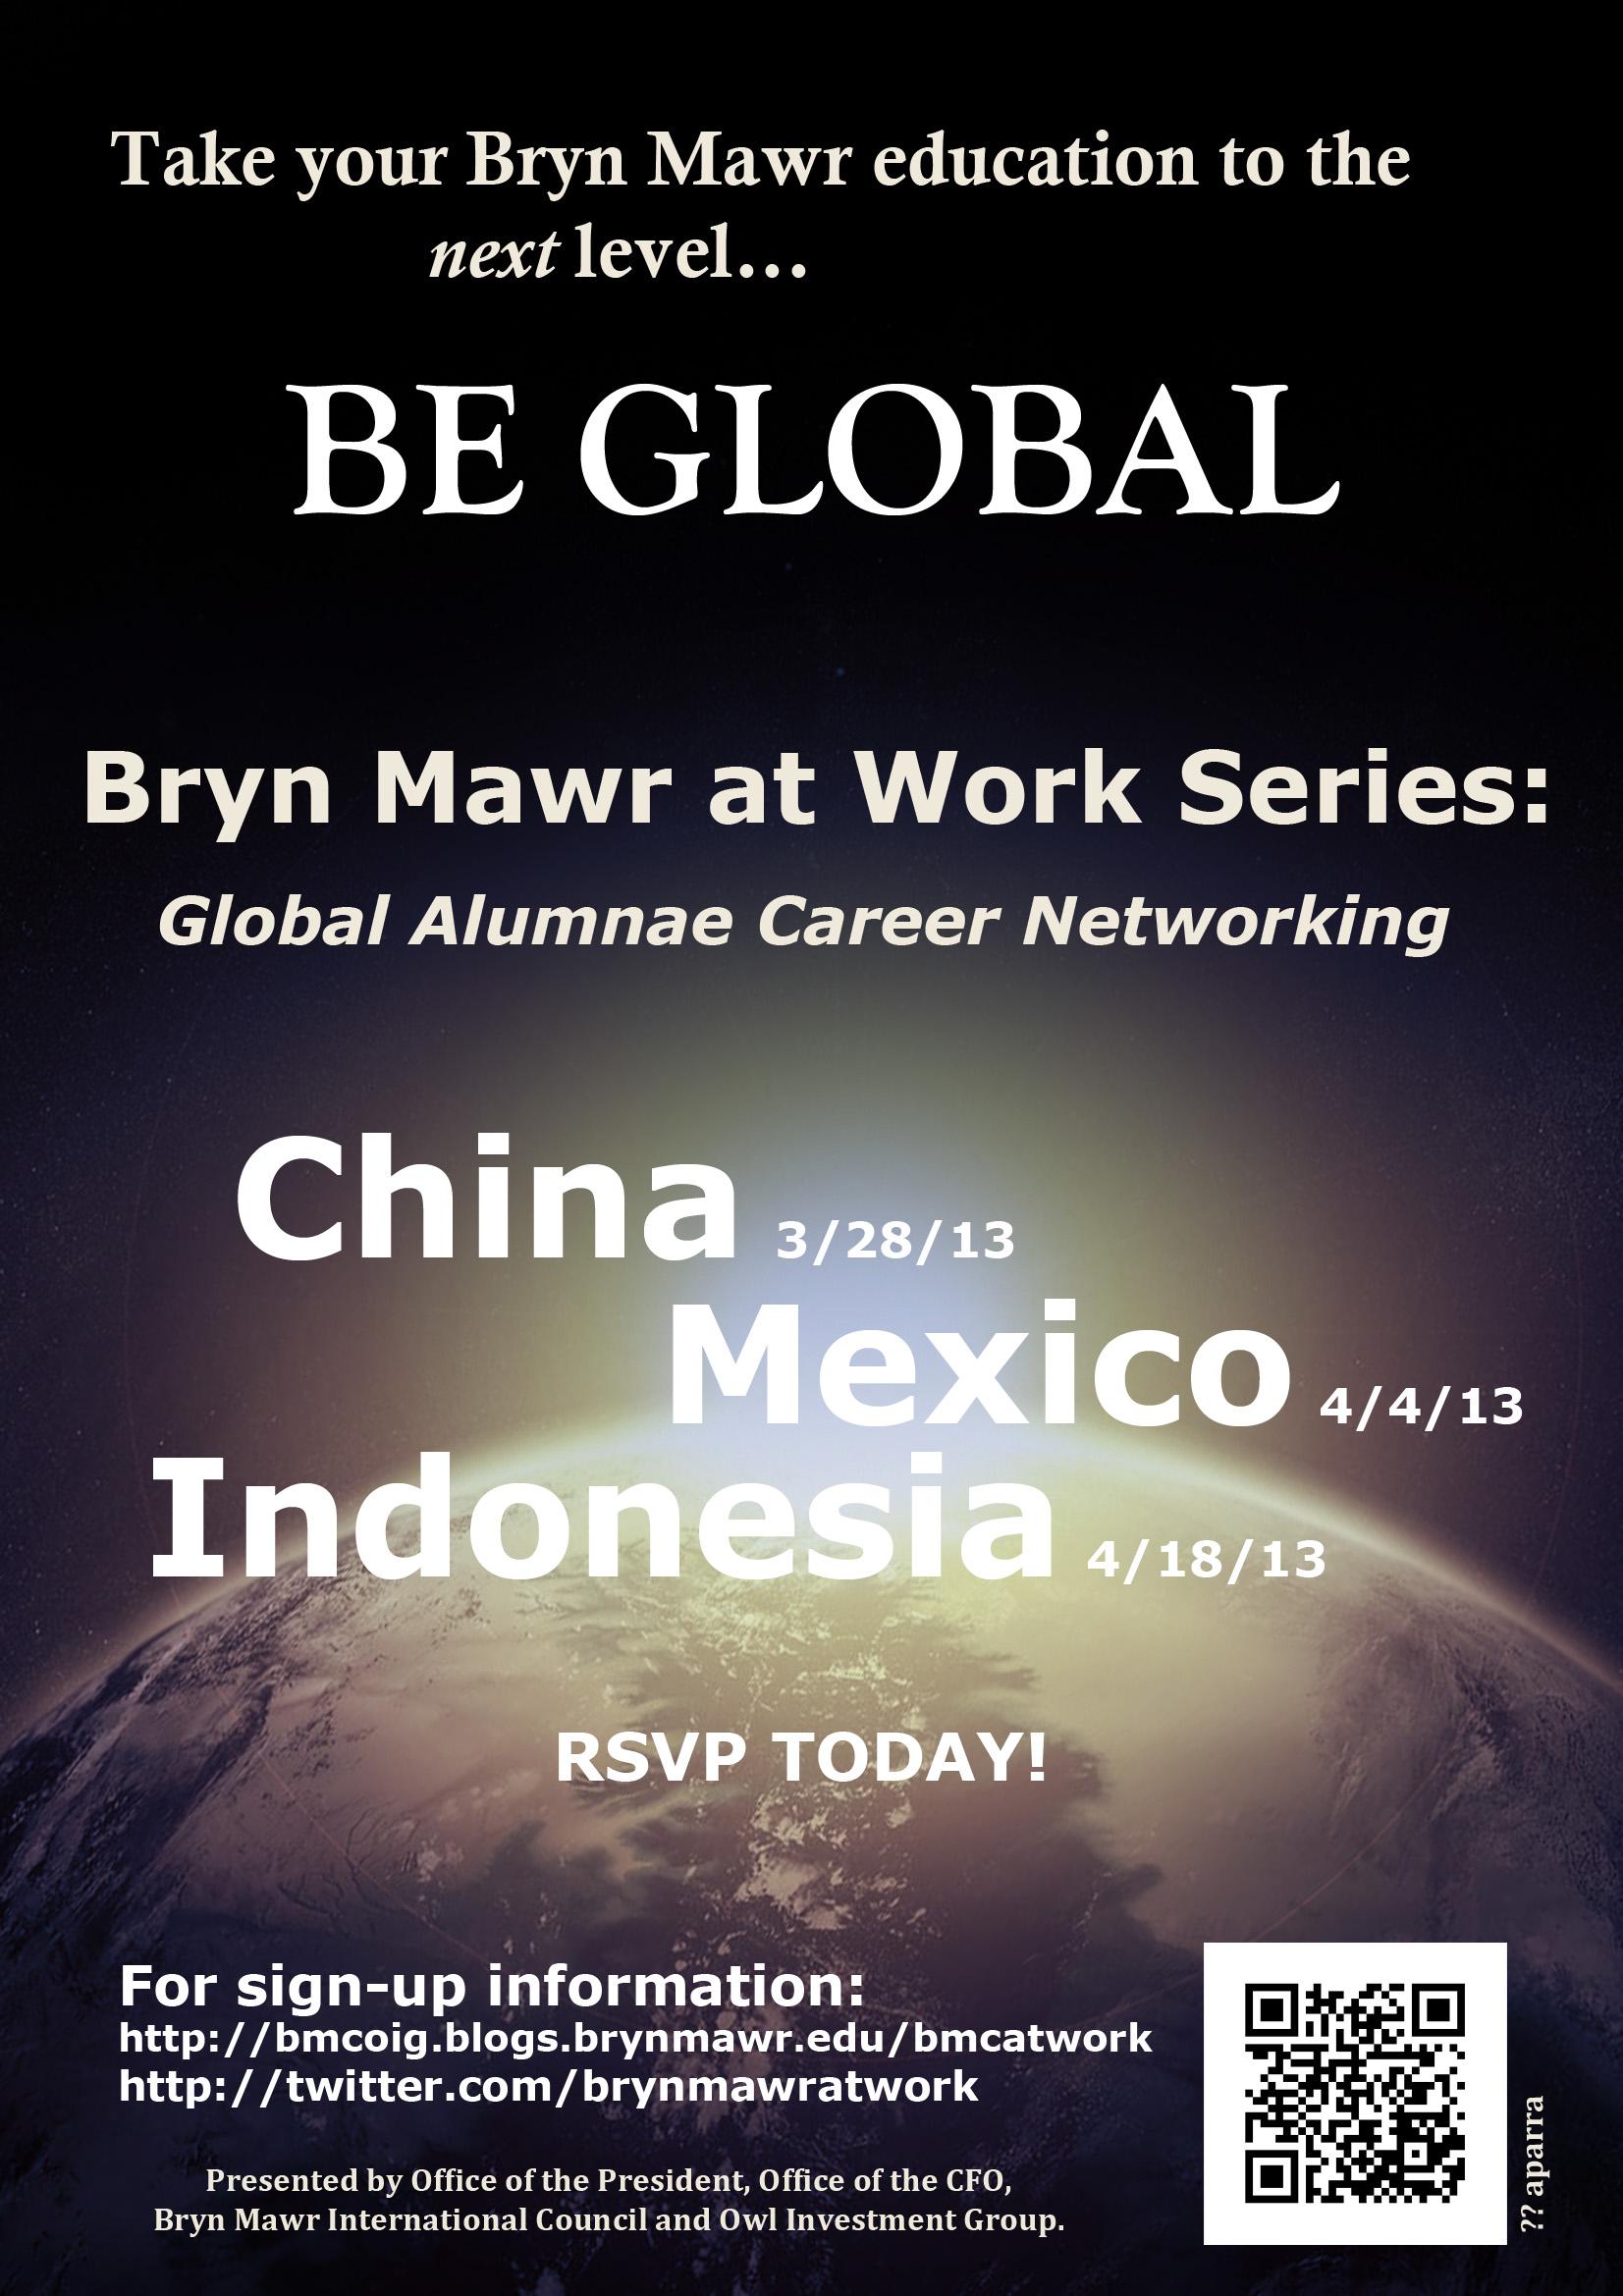 Bryn Mawr at Work Series